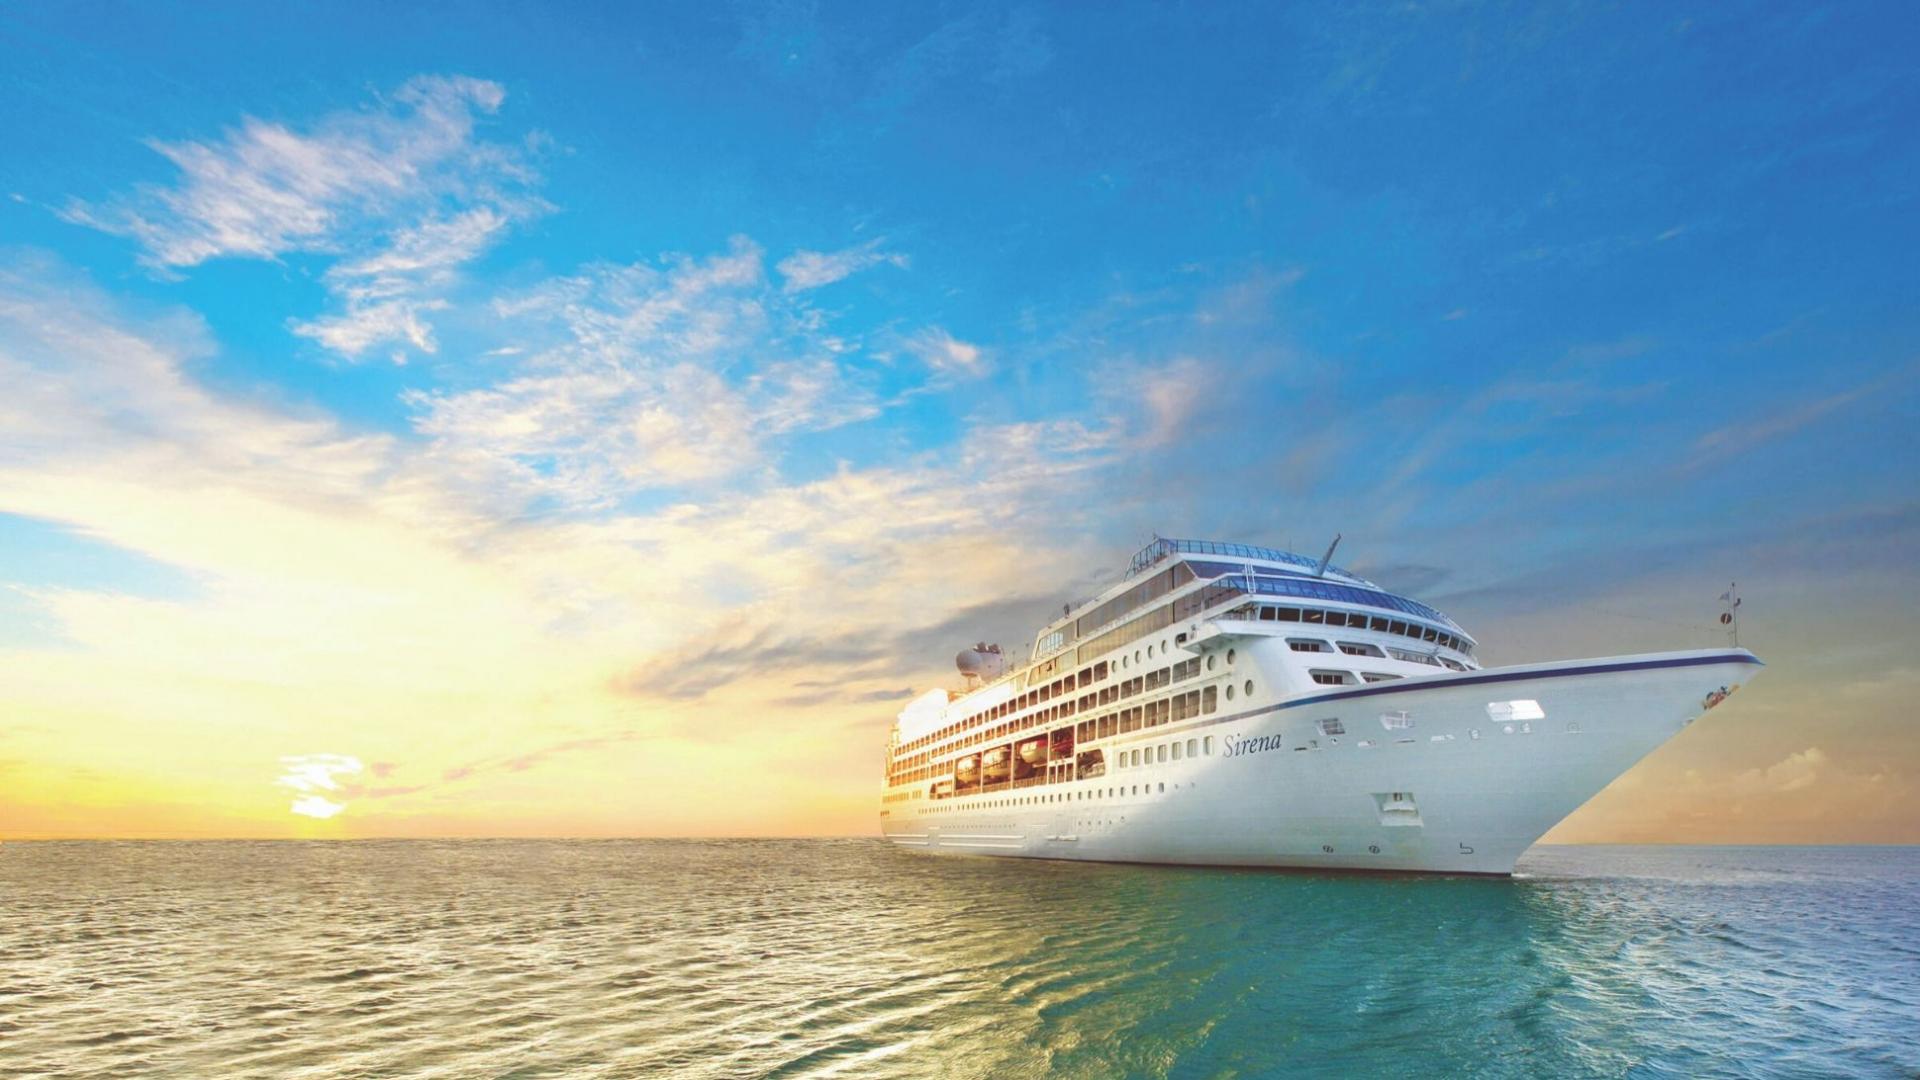 """Jūsų laukia nepamirštama kelionė prabangiame kruiziniame laive """"Oceania Sirena"""""""